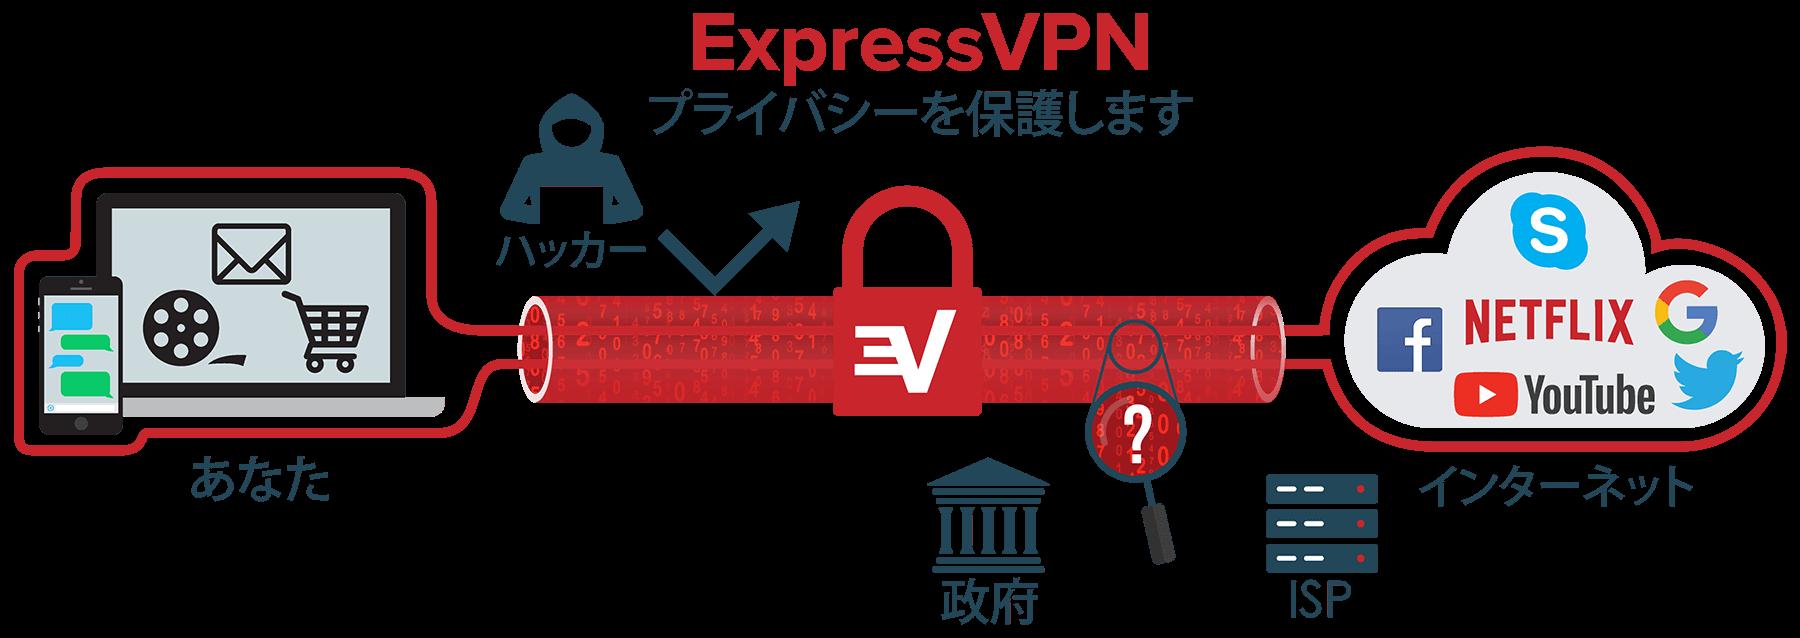 データを保護するVPNトンネルの図。